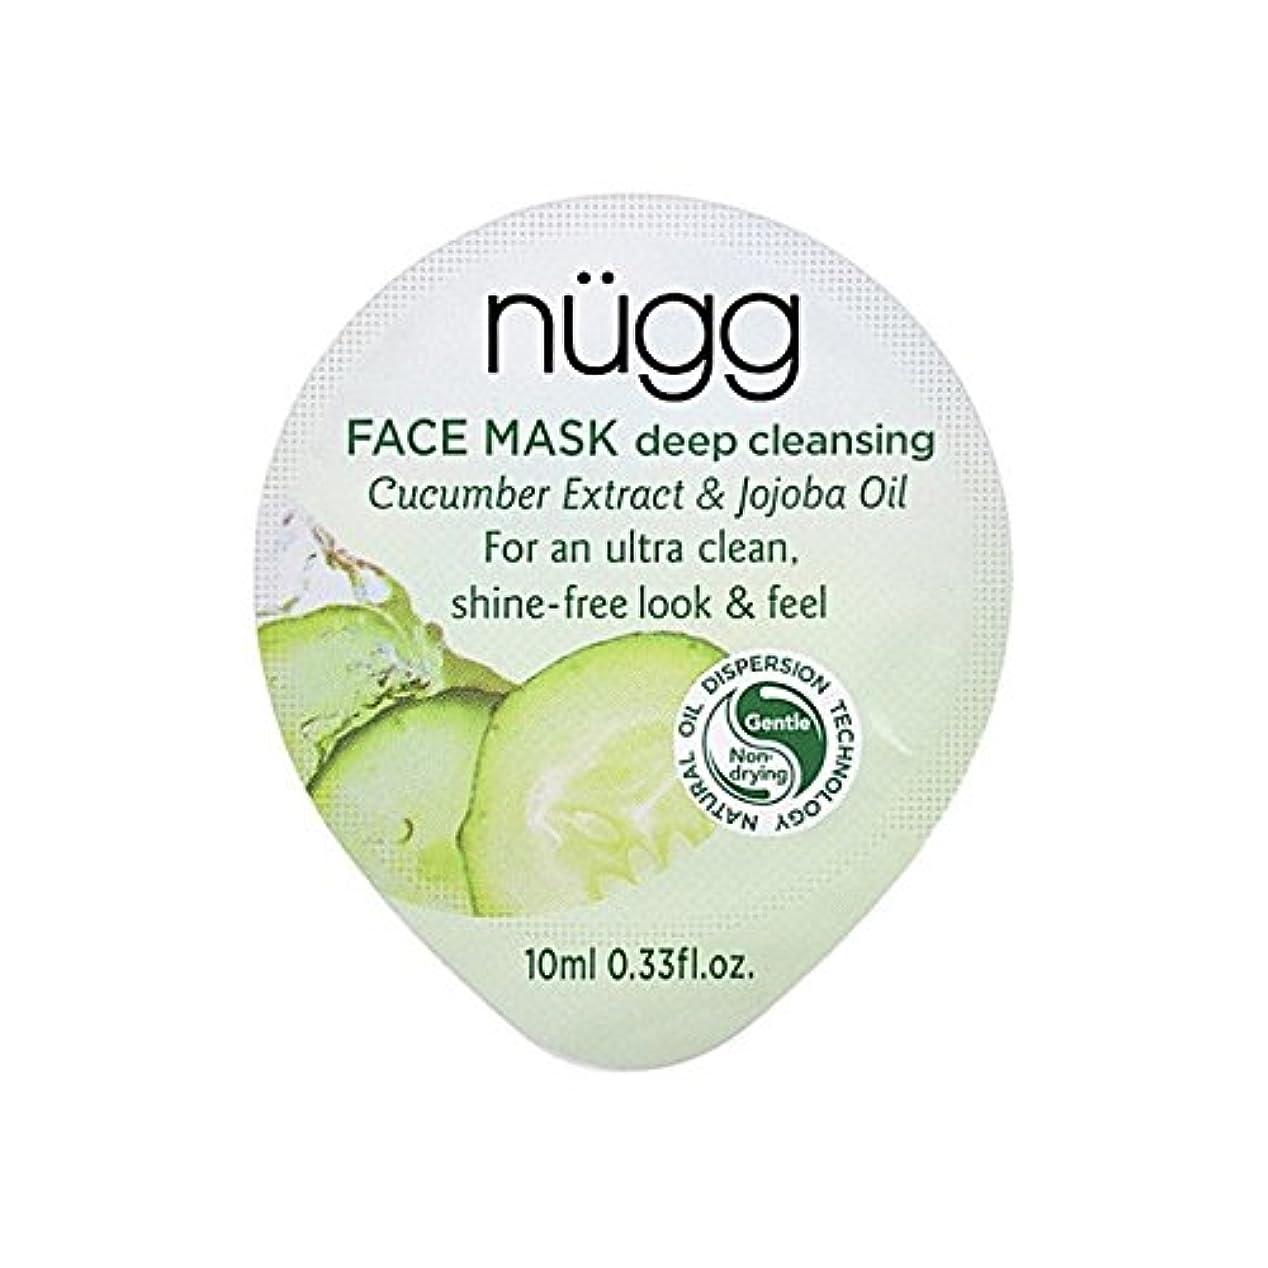 ラッシュ原告一月ディープクレンジングフェイスマスク x4 - Nugg Deep Cleansing Face Mask (Pack of 4) [並行輸入品]